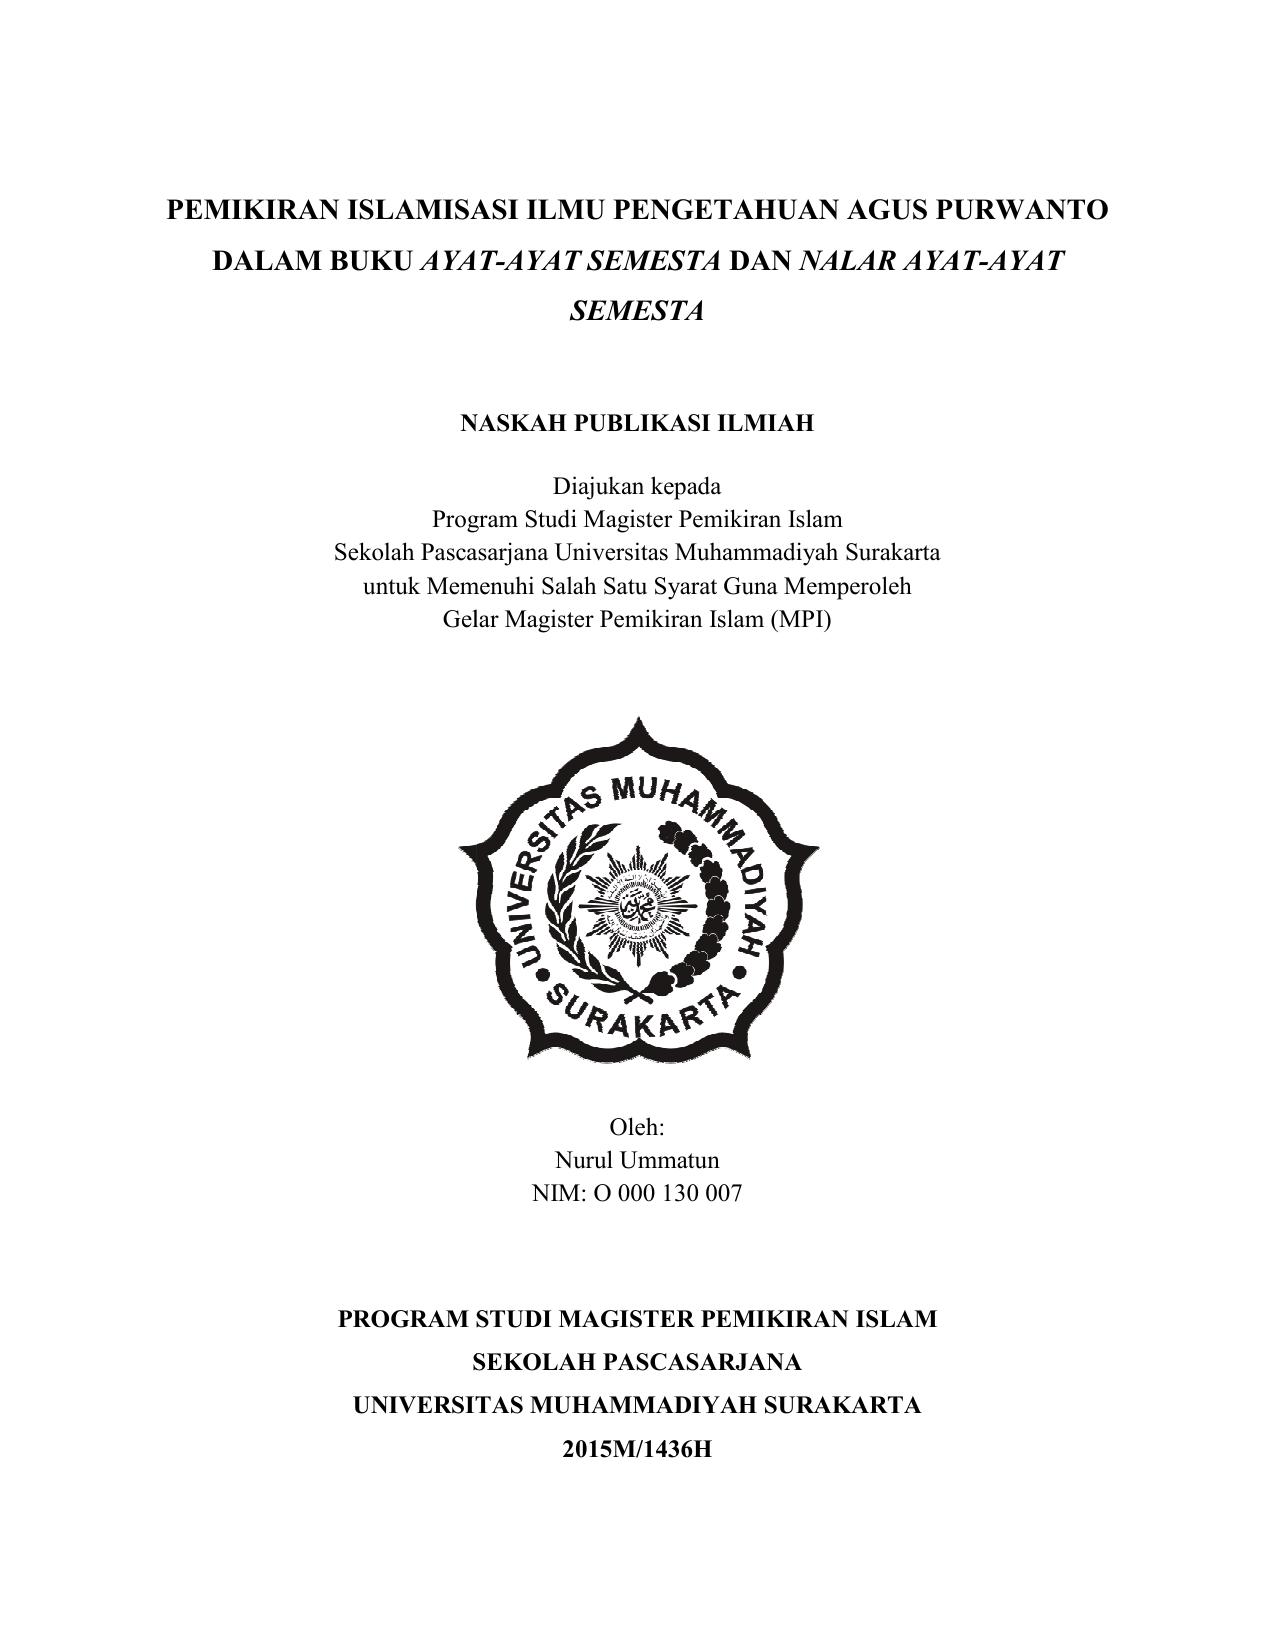 Pemikiran Islamisasi Dalam Buku Ayat Islamisasi Ilmu Pengetahuan